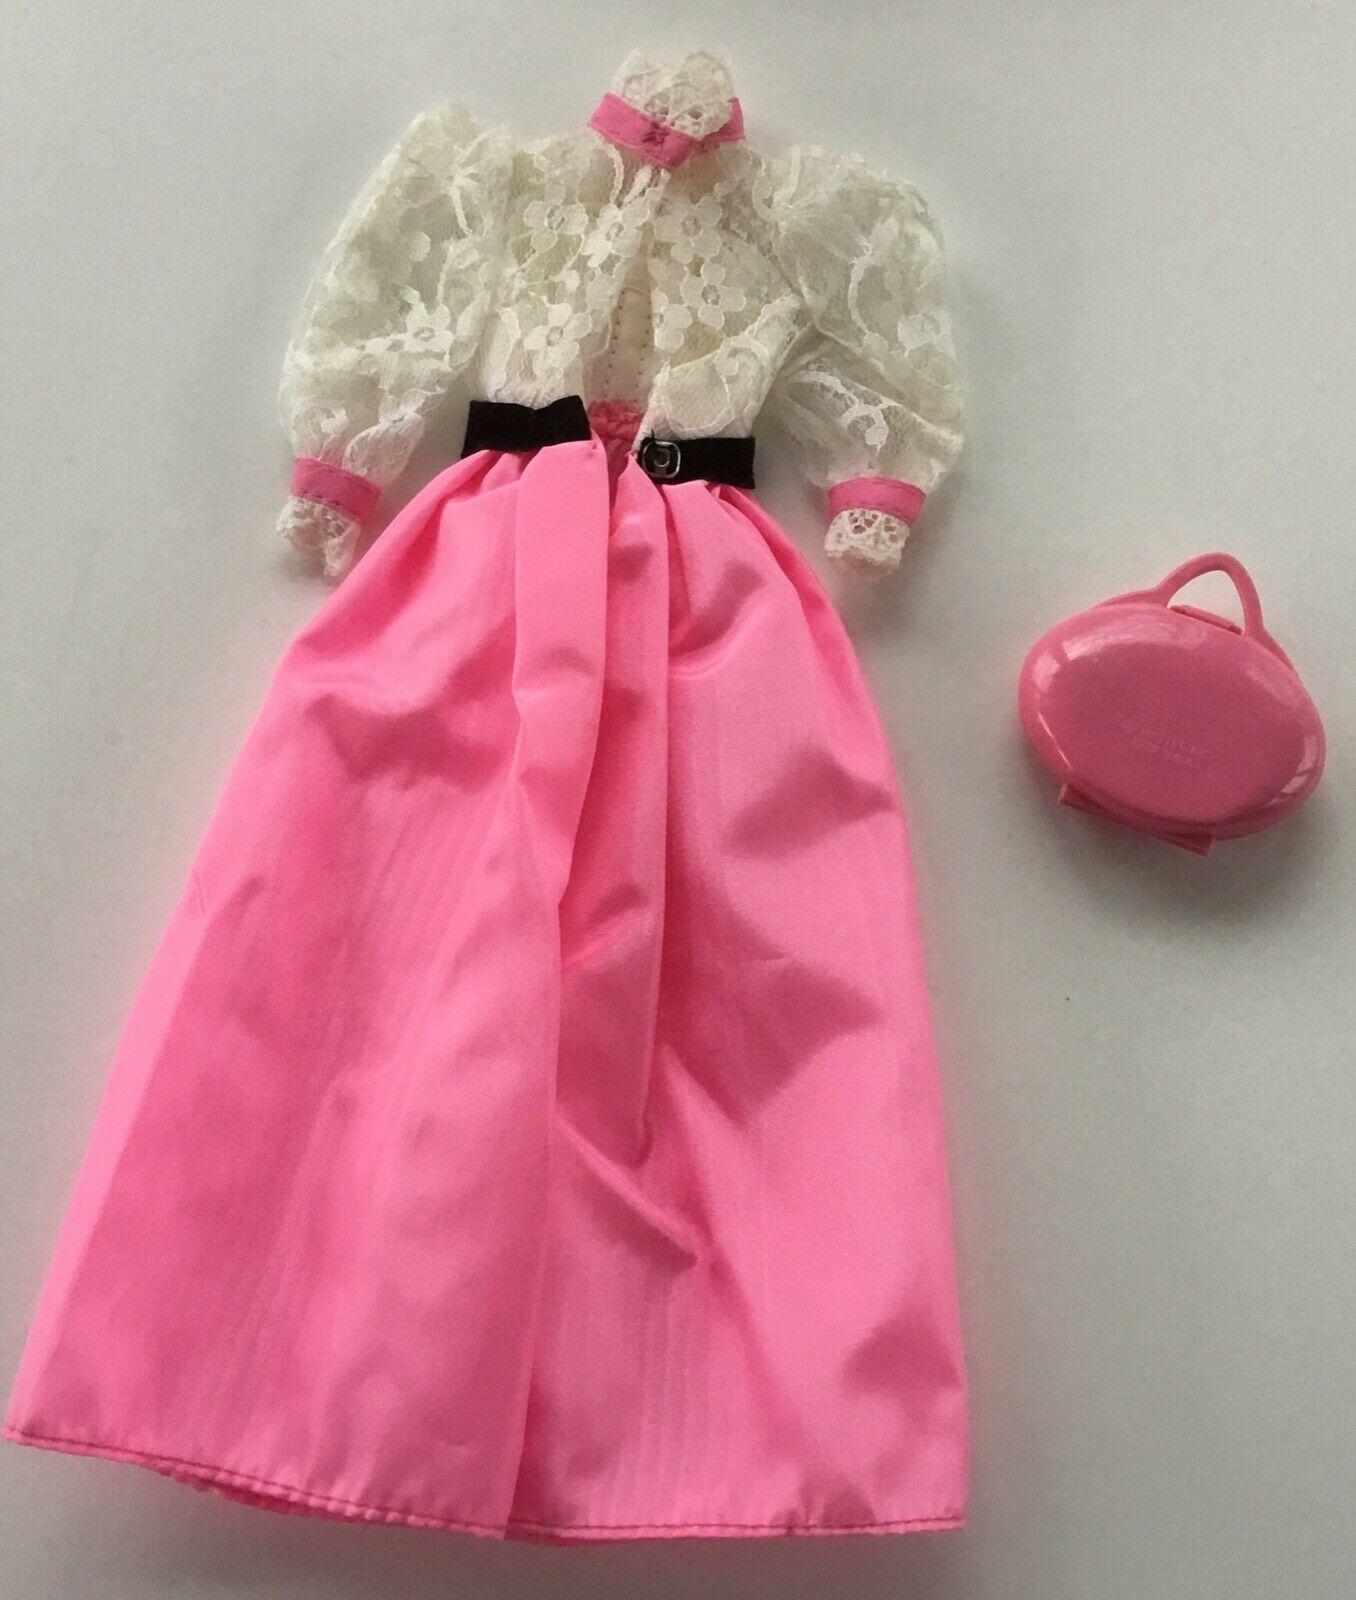 1982 Mattel Barbie Angel Face Dress, Makeup